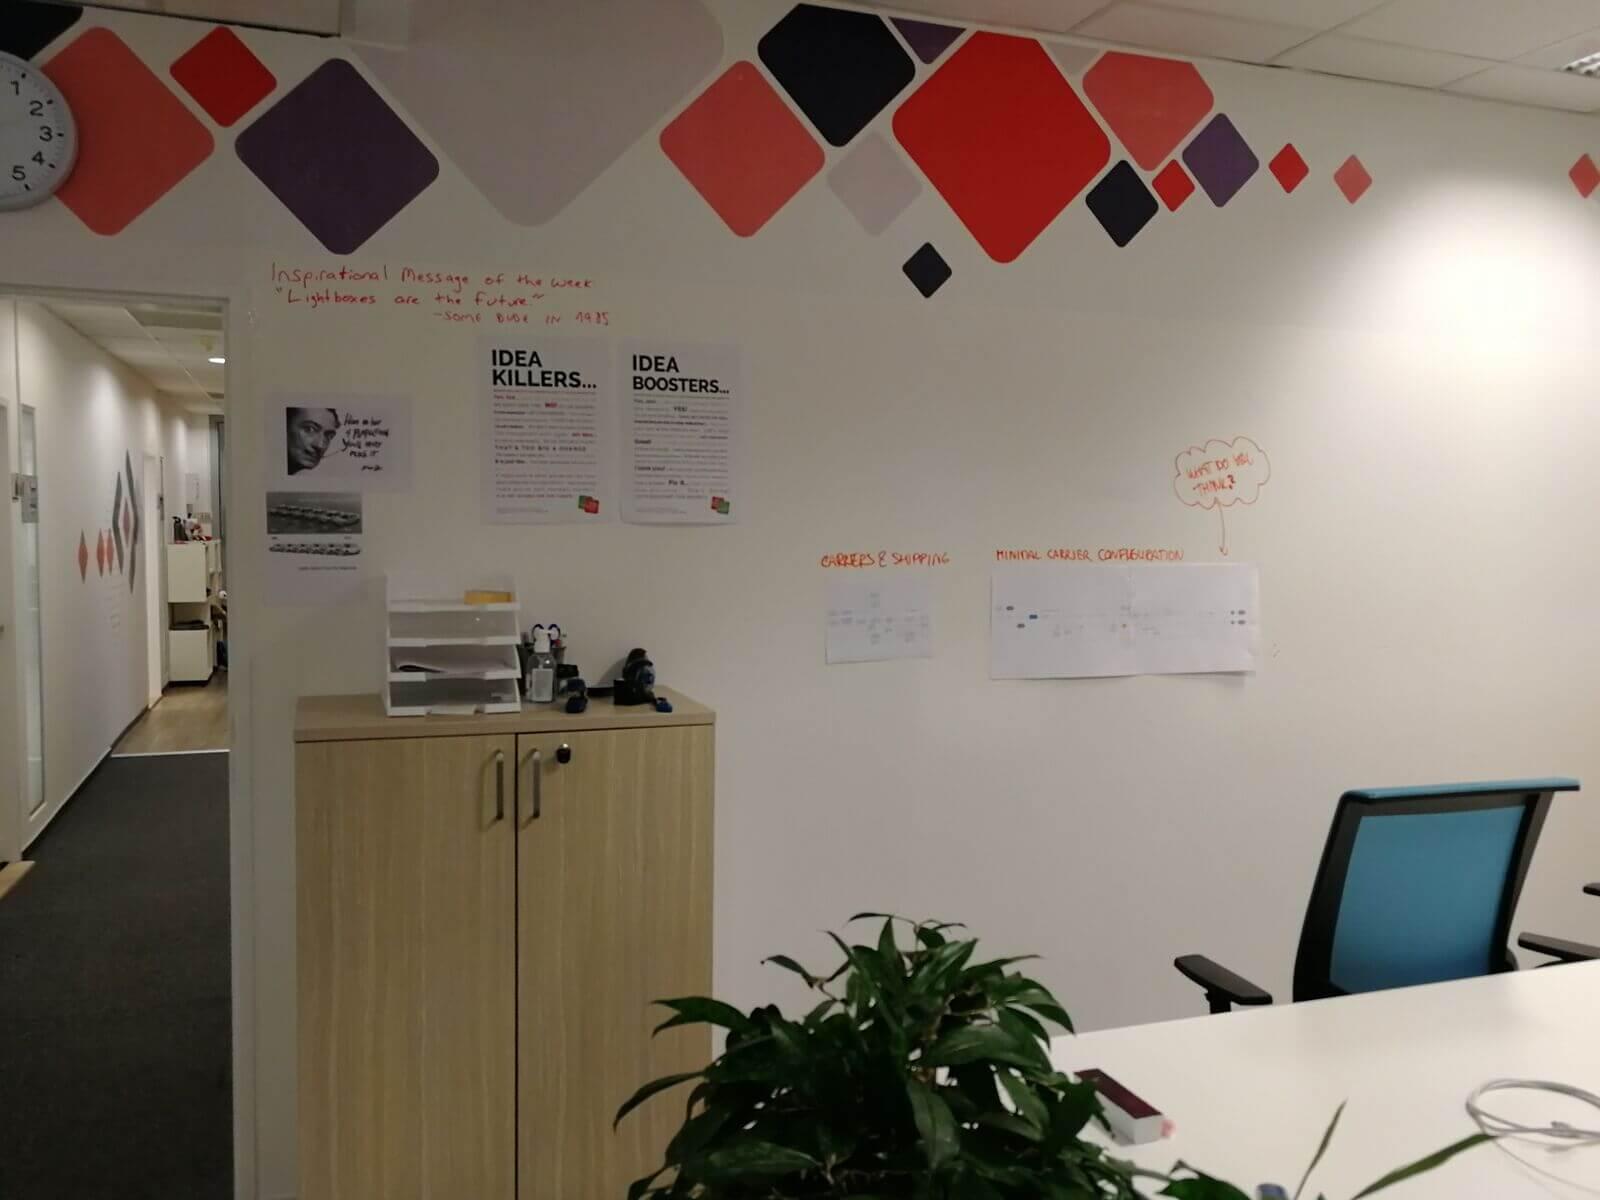 Zeď bych rád využil nejen jako prostor pro ukázku UX práce, například vyvěšením flow diagramu, ale také jako prostor pro sdílení dalších věcí, které s designem souvisí.